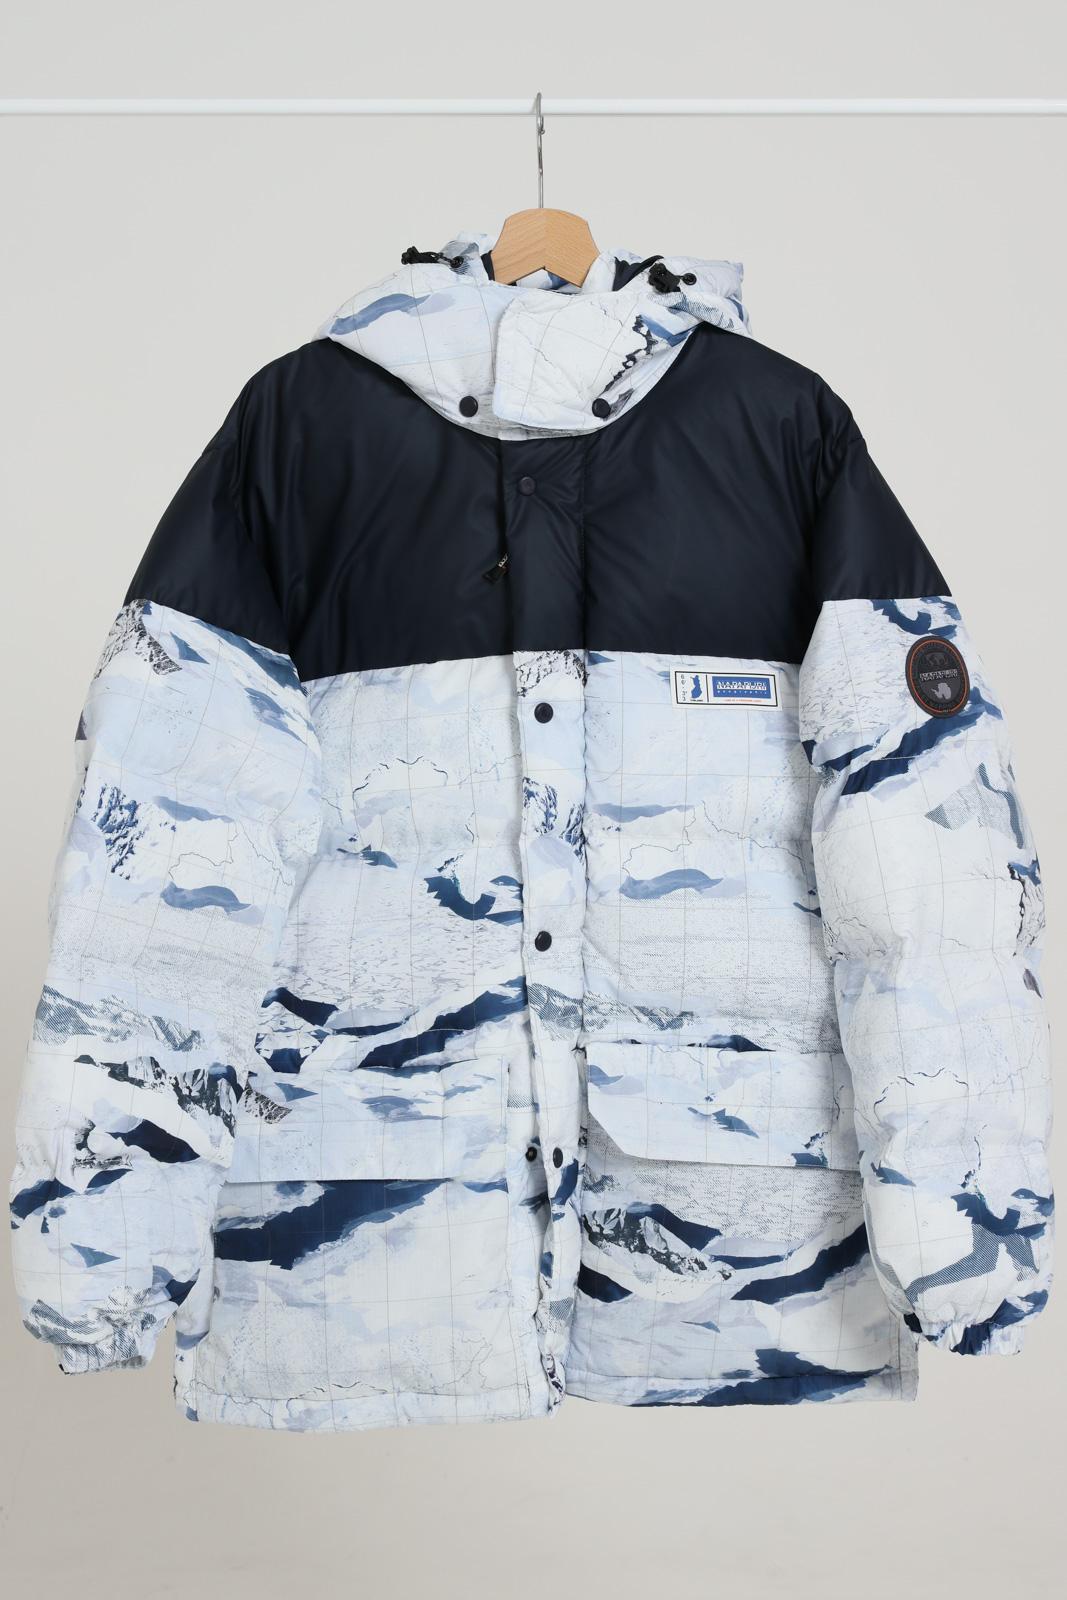 NAPAPIJRI   Jacket   NP0A4EJVF1P1F1P1